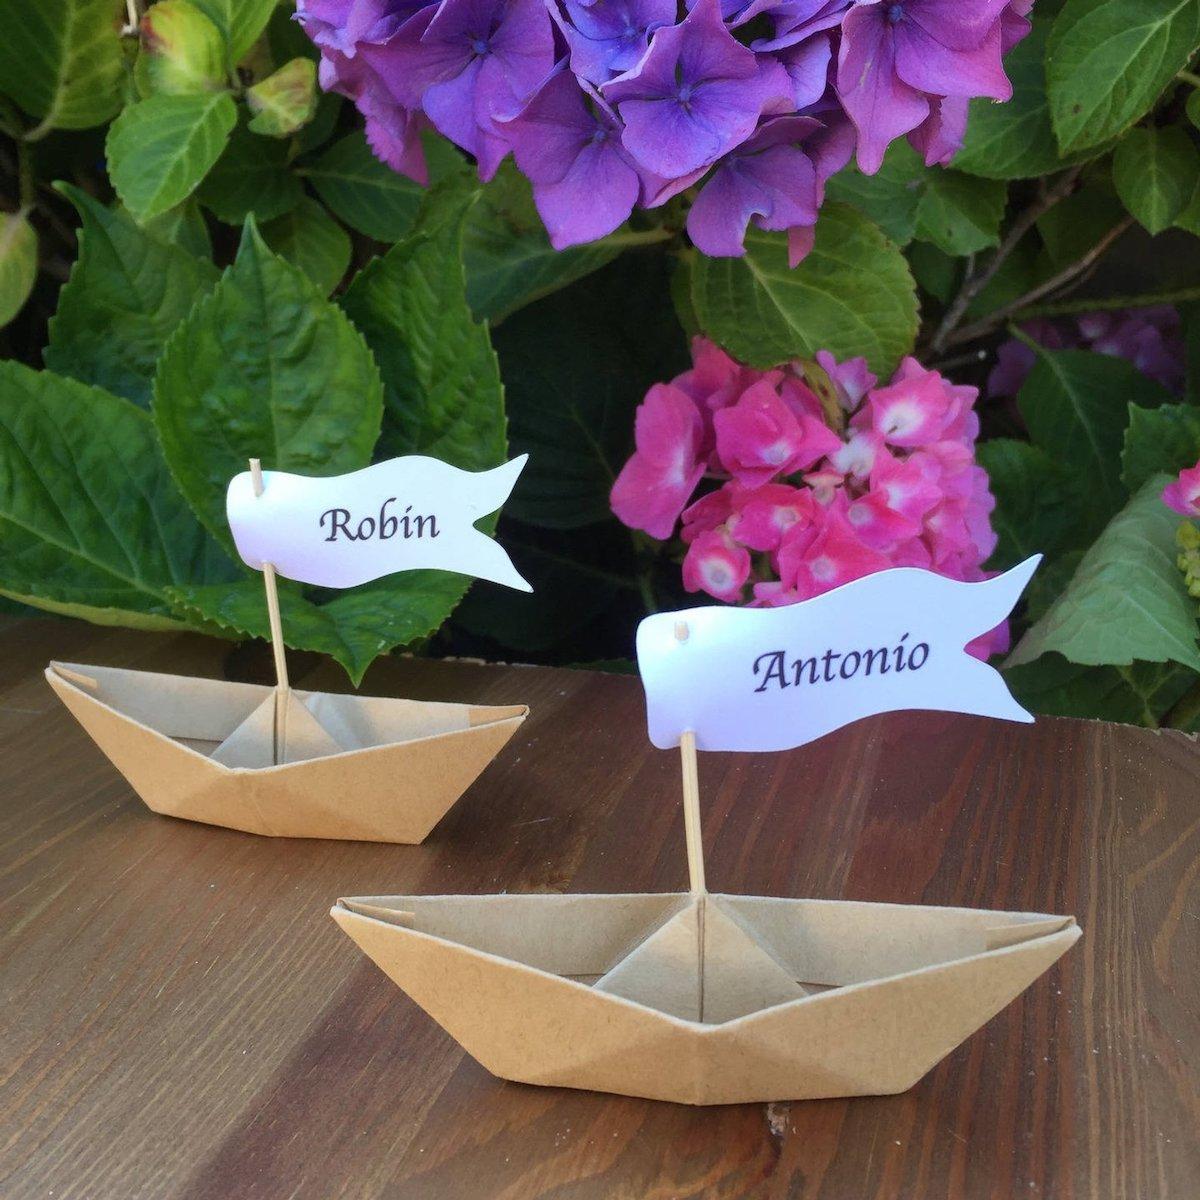 petit bateau marques-place mariagethème voyage tour du monde origami papier - blog déco - clemaroundthecorner